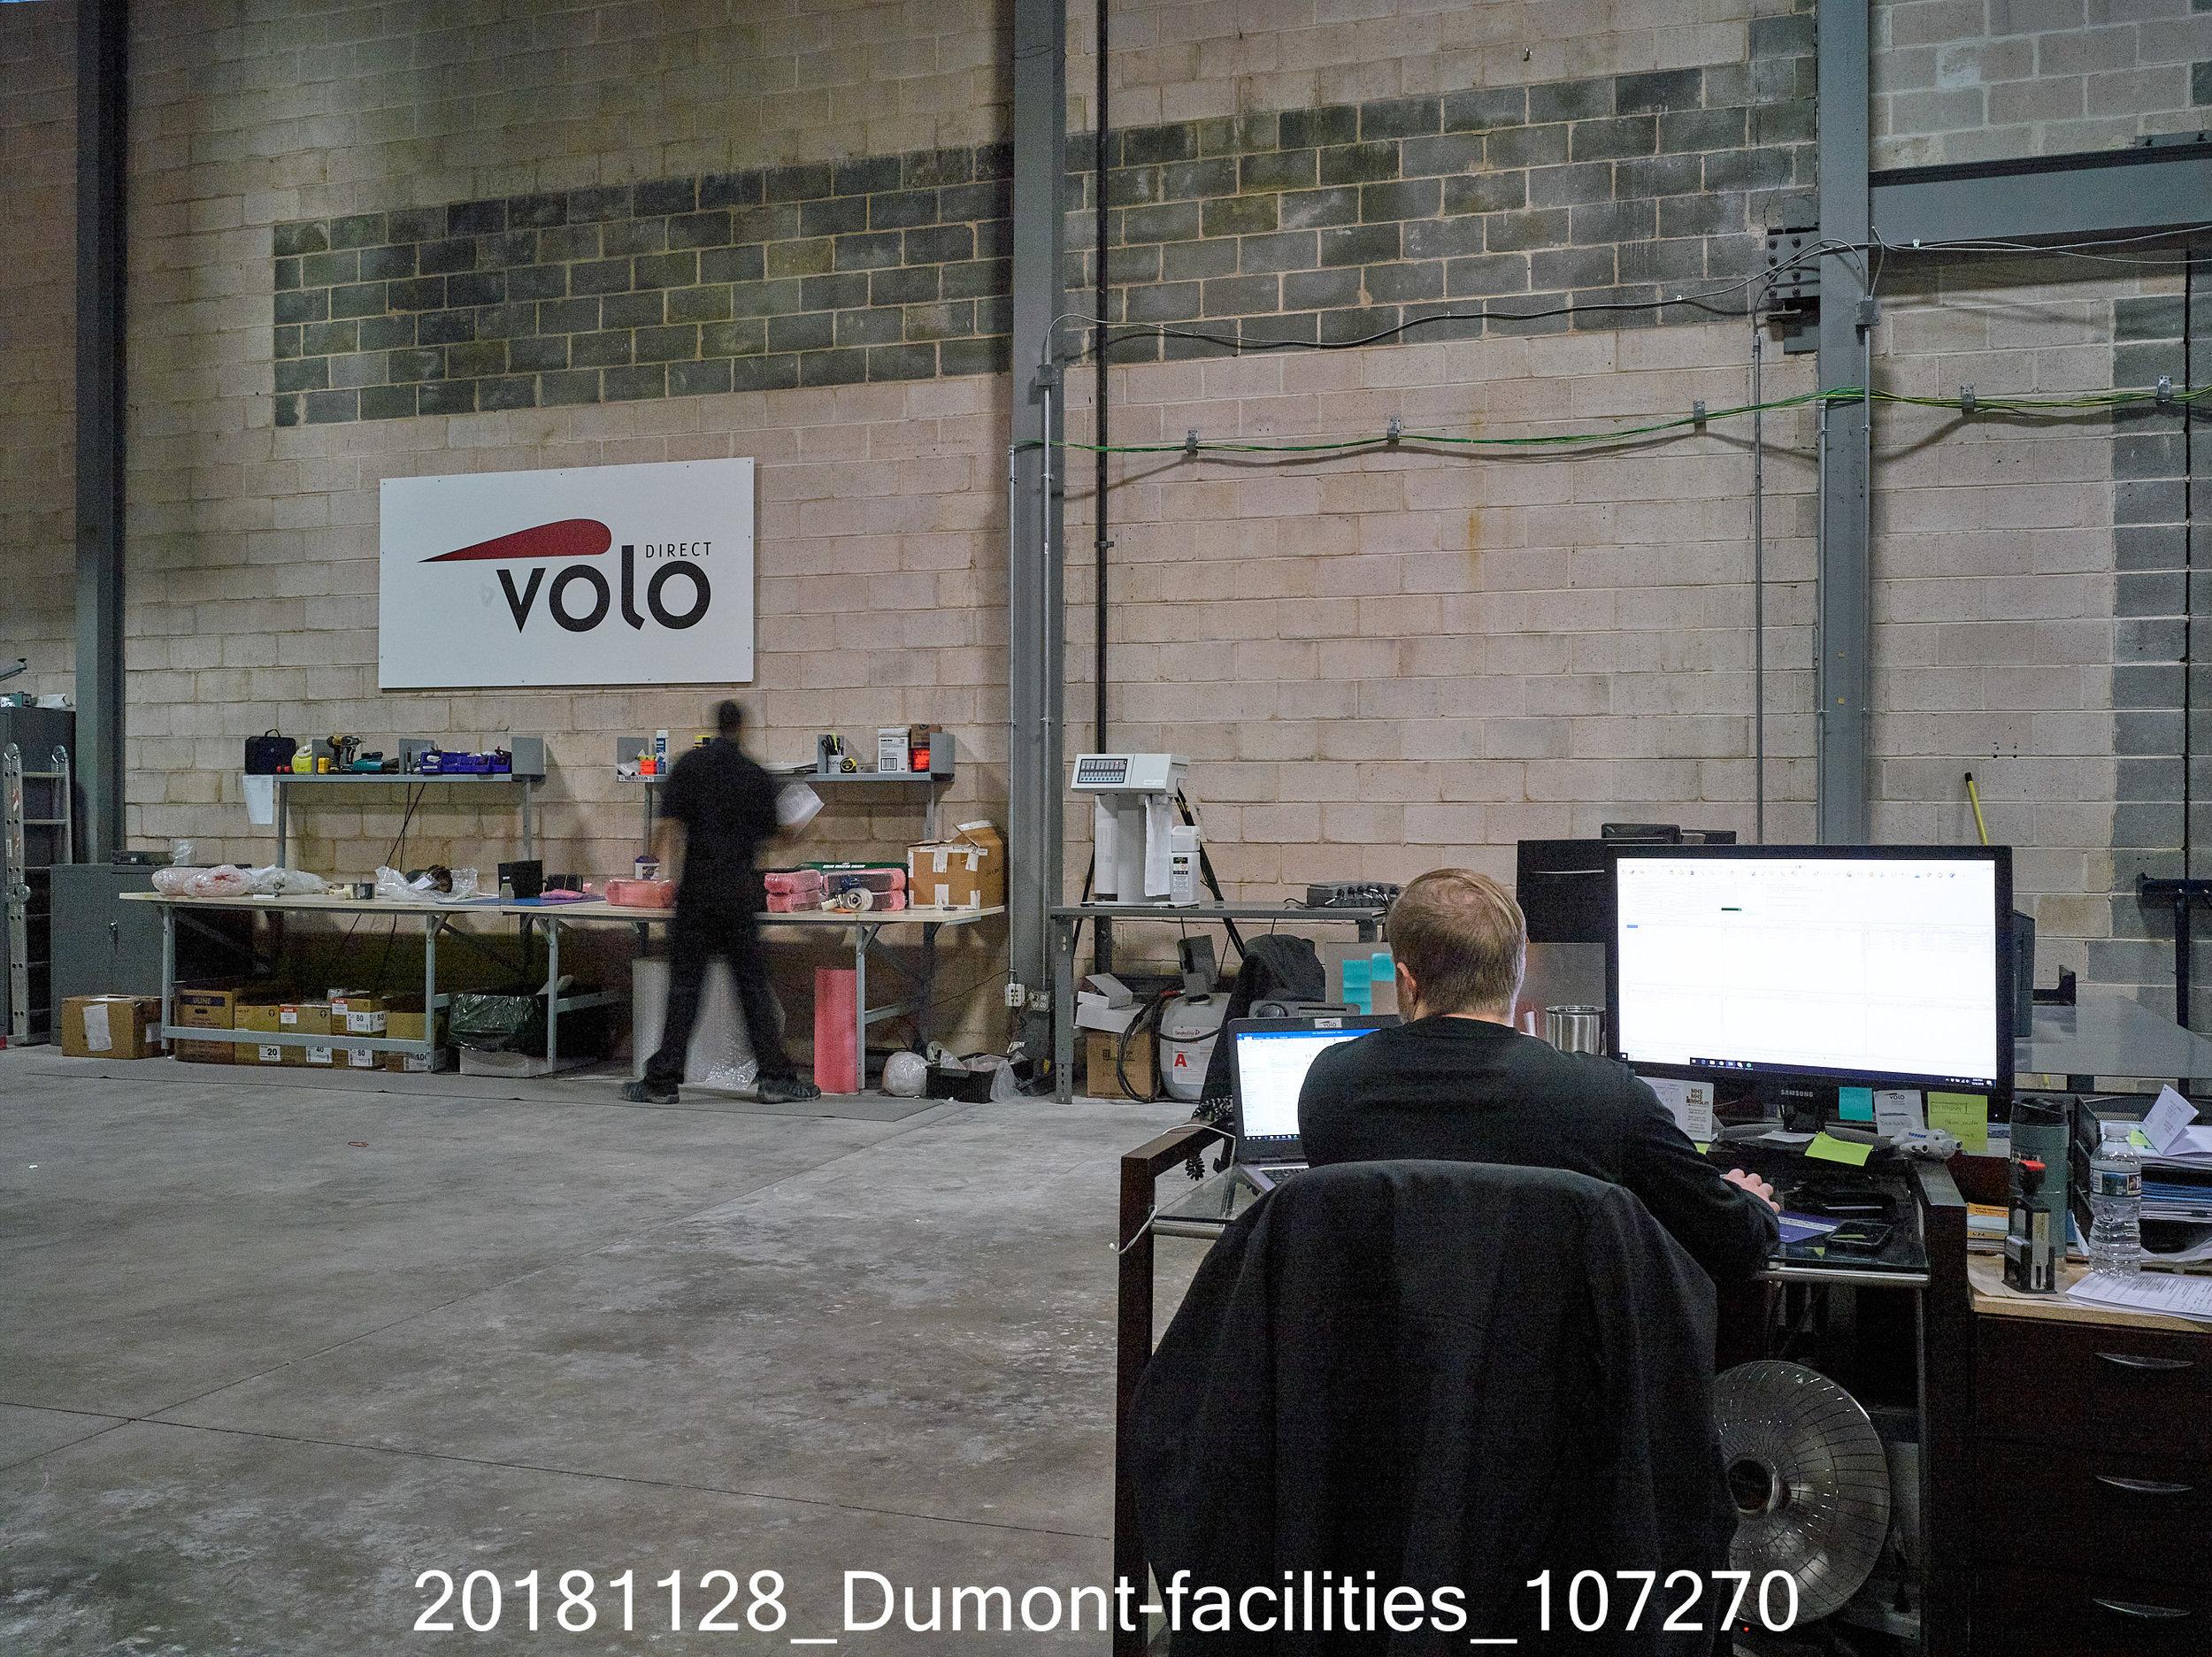 20181128_Dumont-facilities_107270.jpg